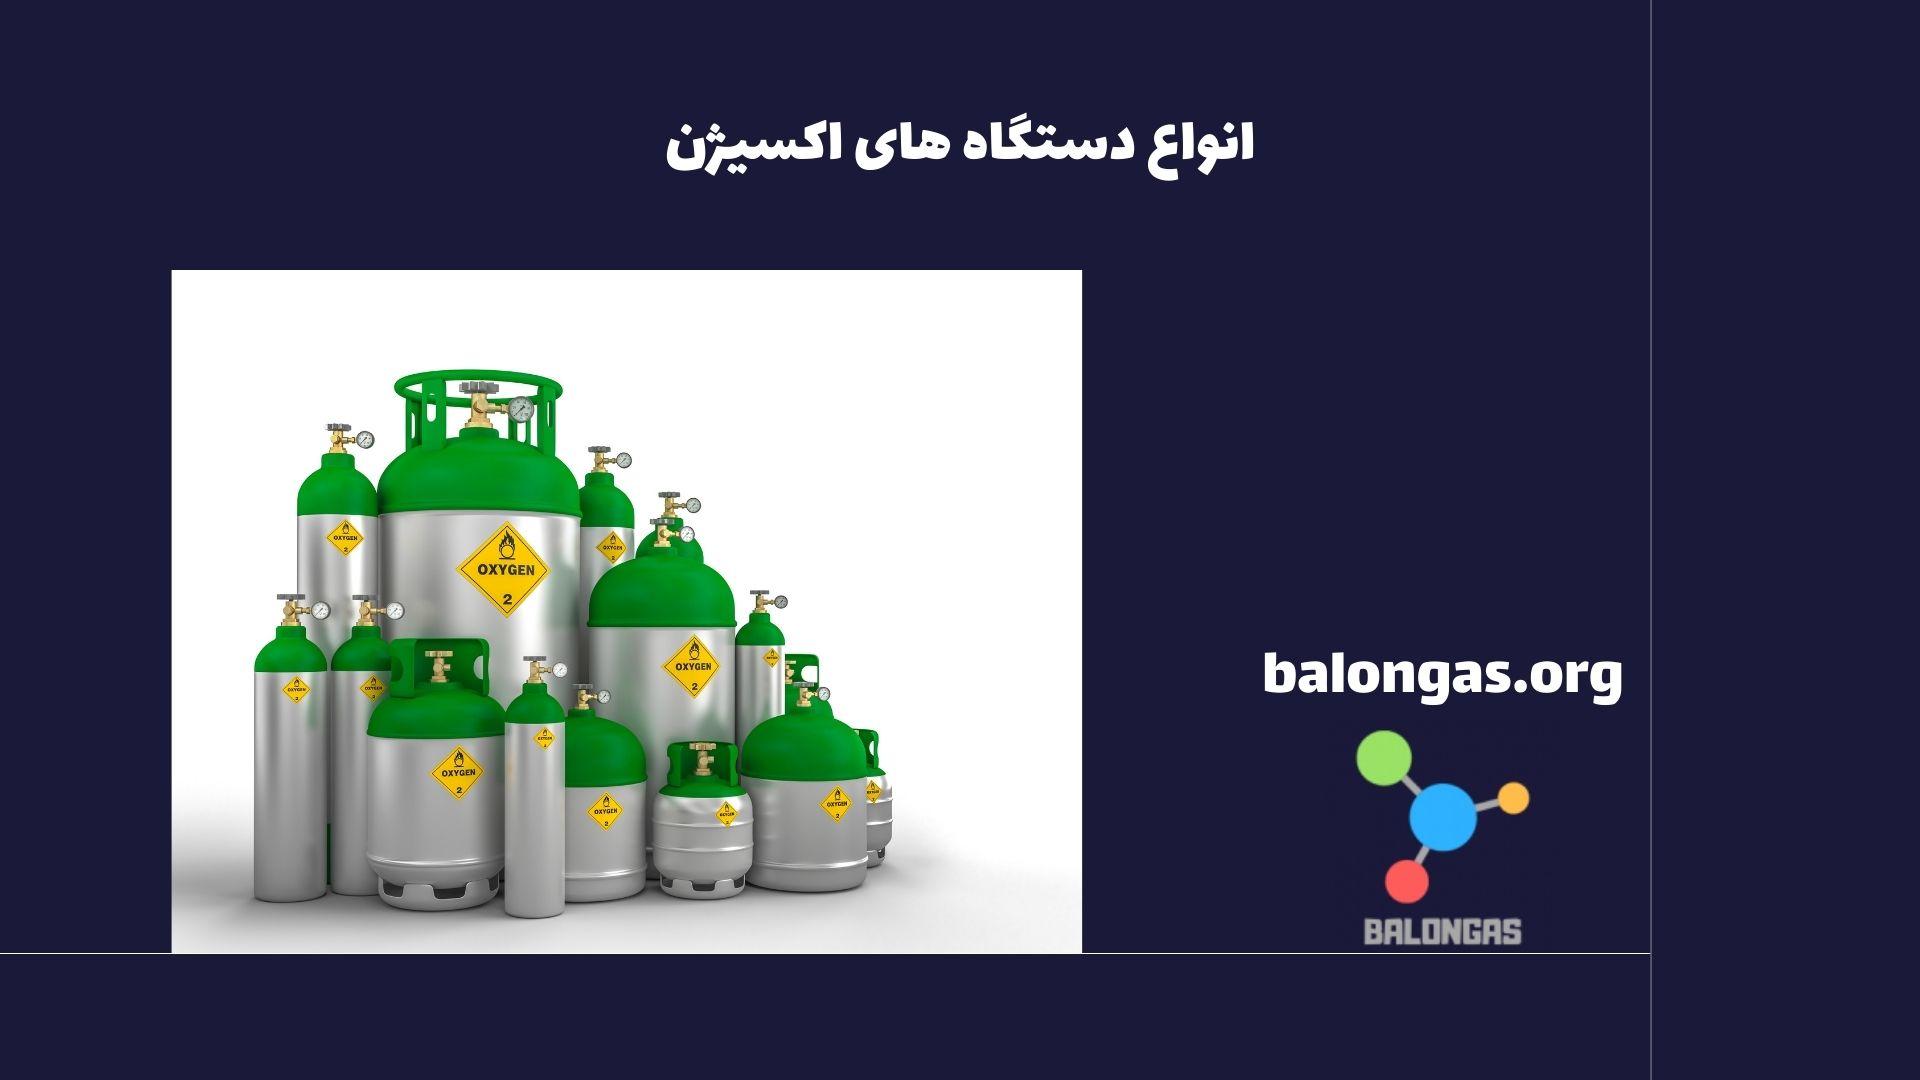 انواع دستگاه های اکسیژن